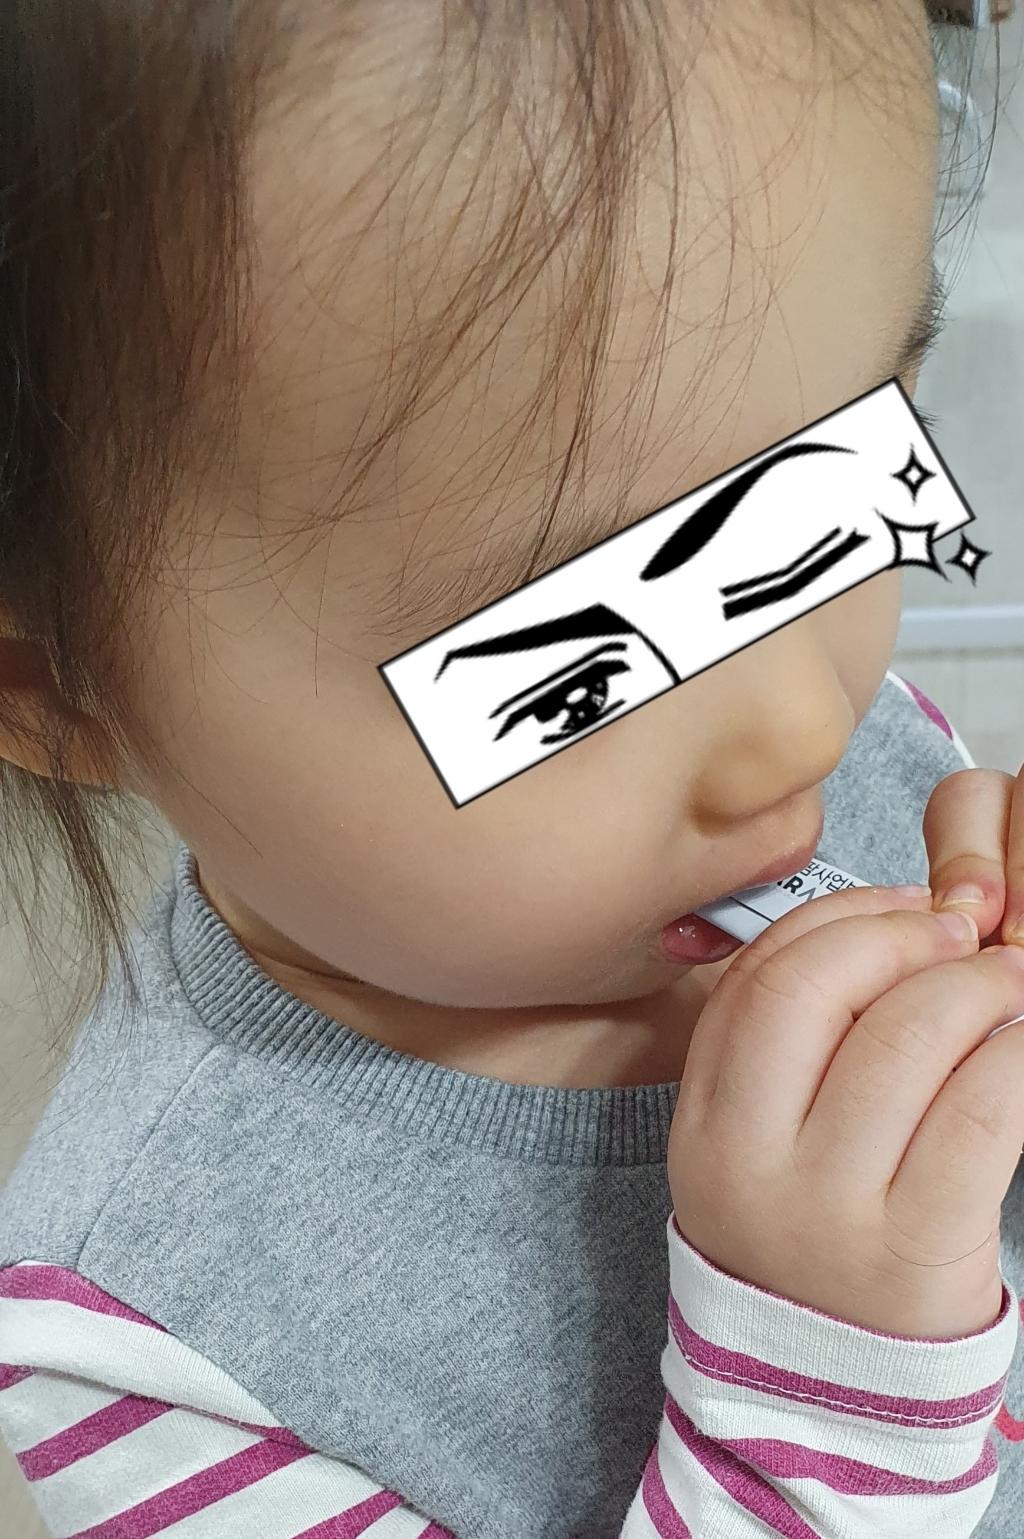 지엠팜 유아용 더칼슘디 영양제  리뷰 후기